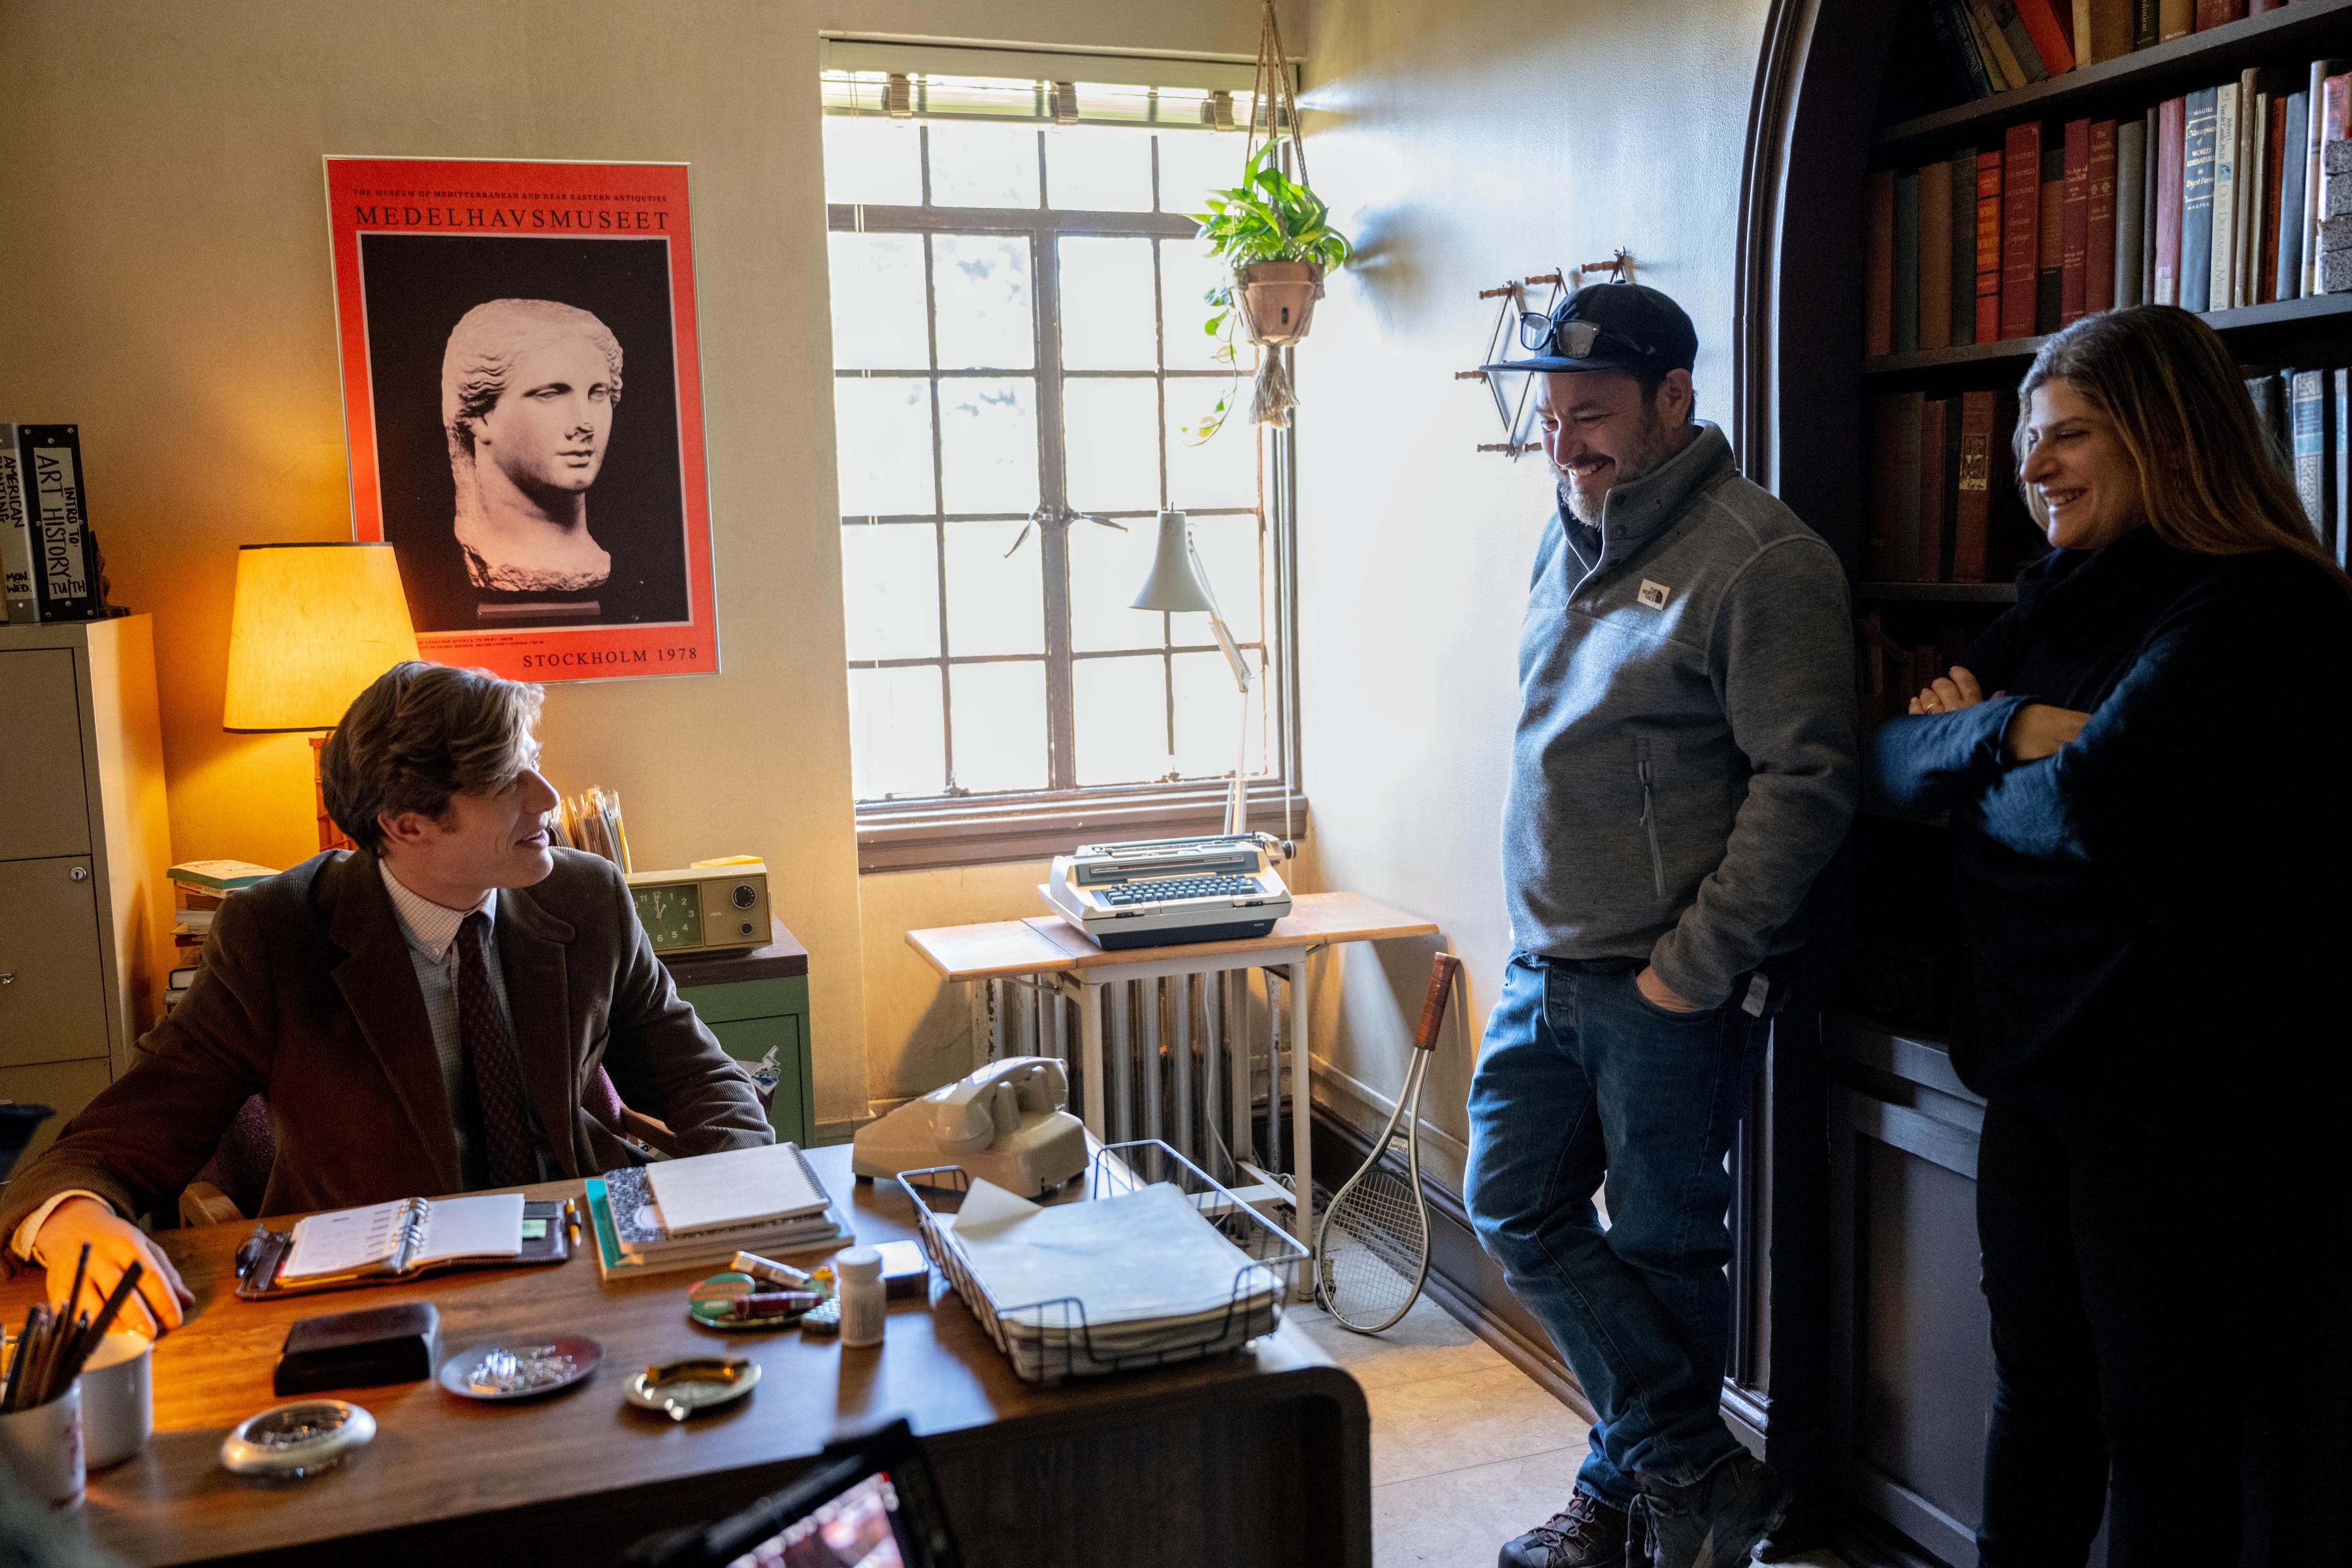 EXCLUSIVE: Filmmakers Robert Pulcini and Shari Springer Berman Talks 'Things Heard And Seen'